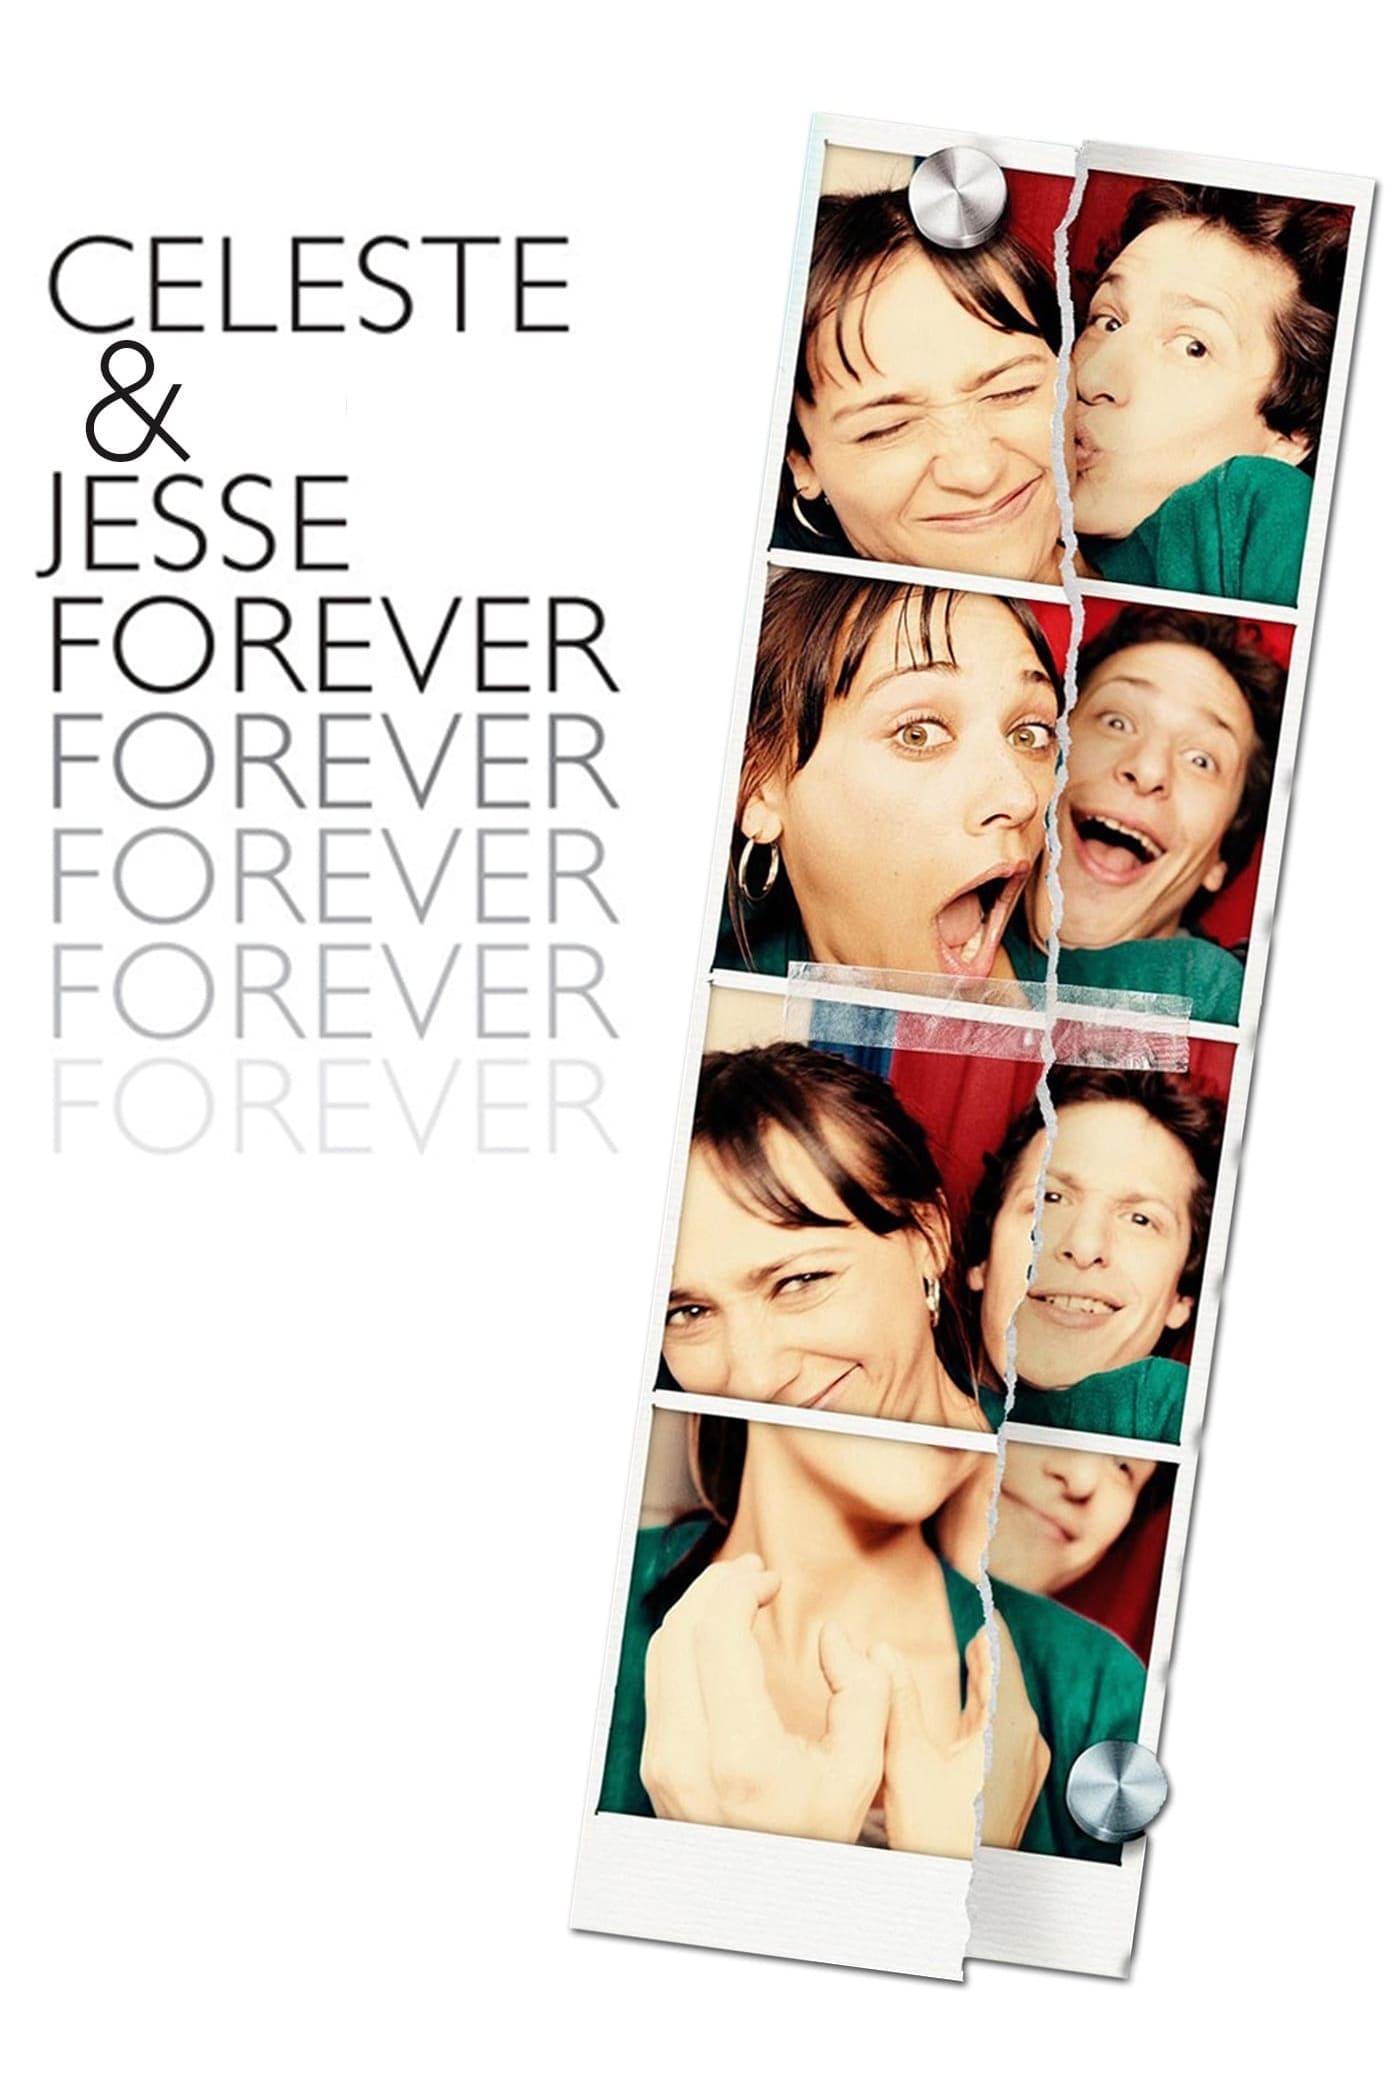 სელესტა და ჯესი სამუდამოდ / Celeste & Jesse Forever